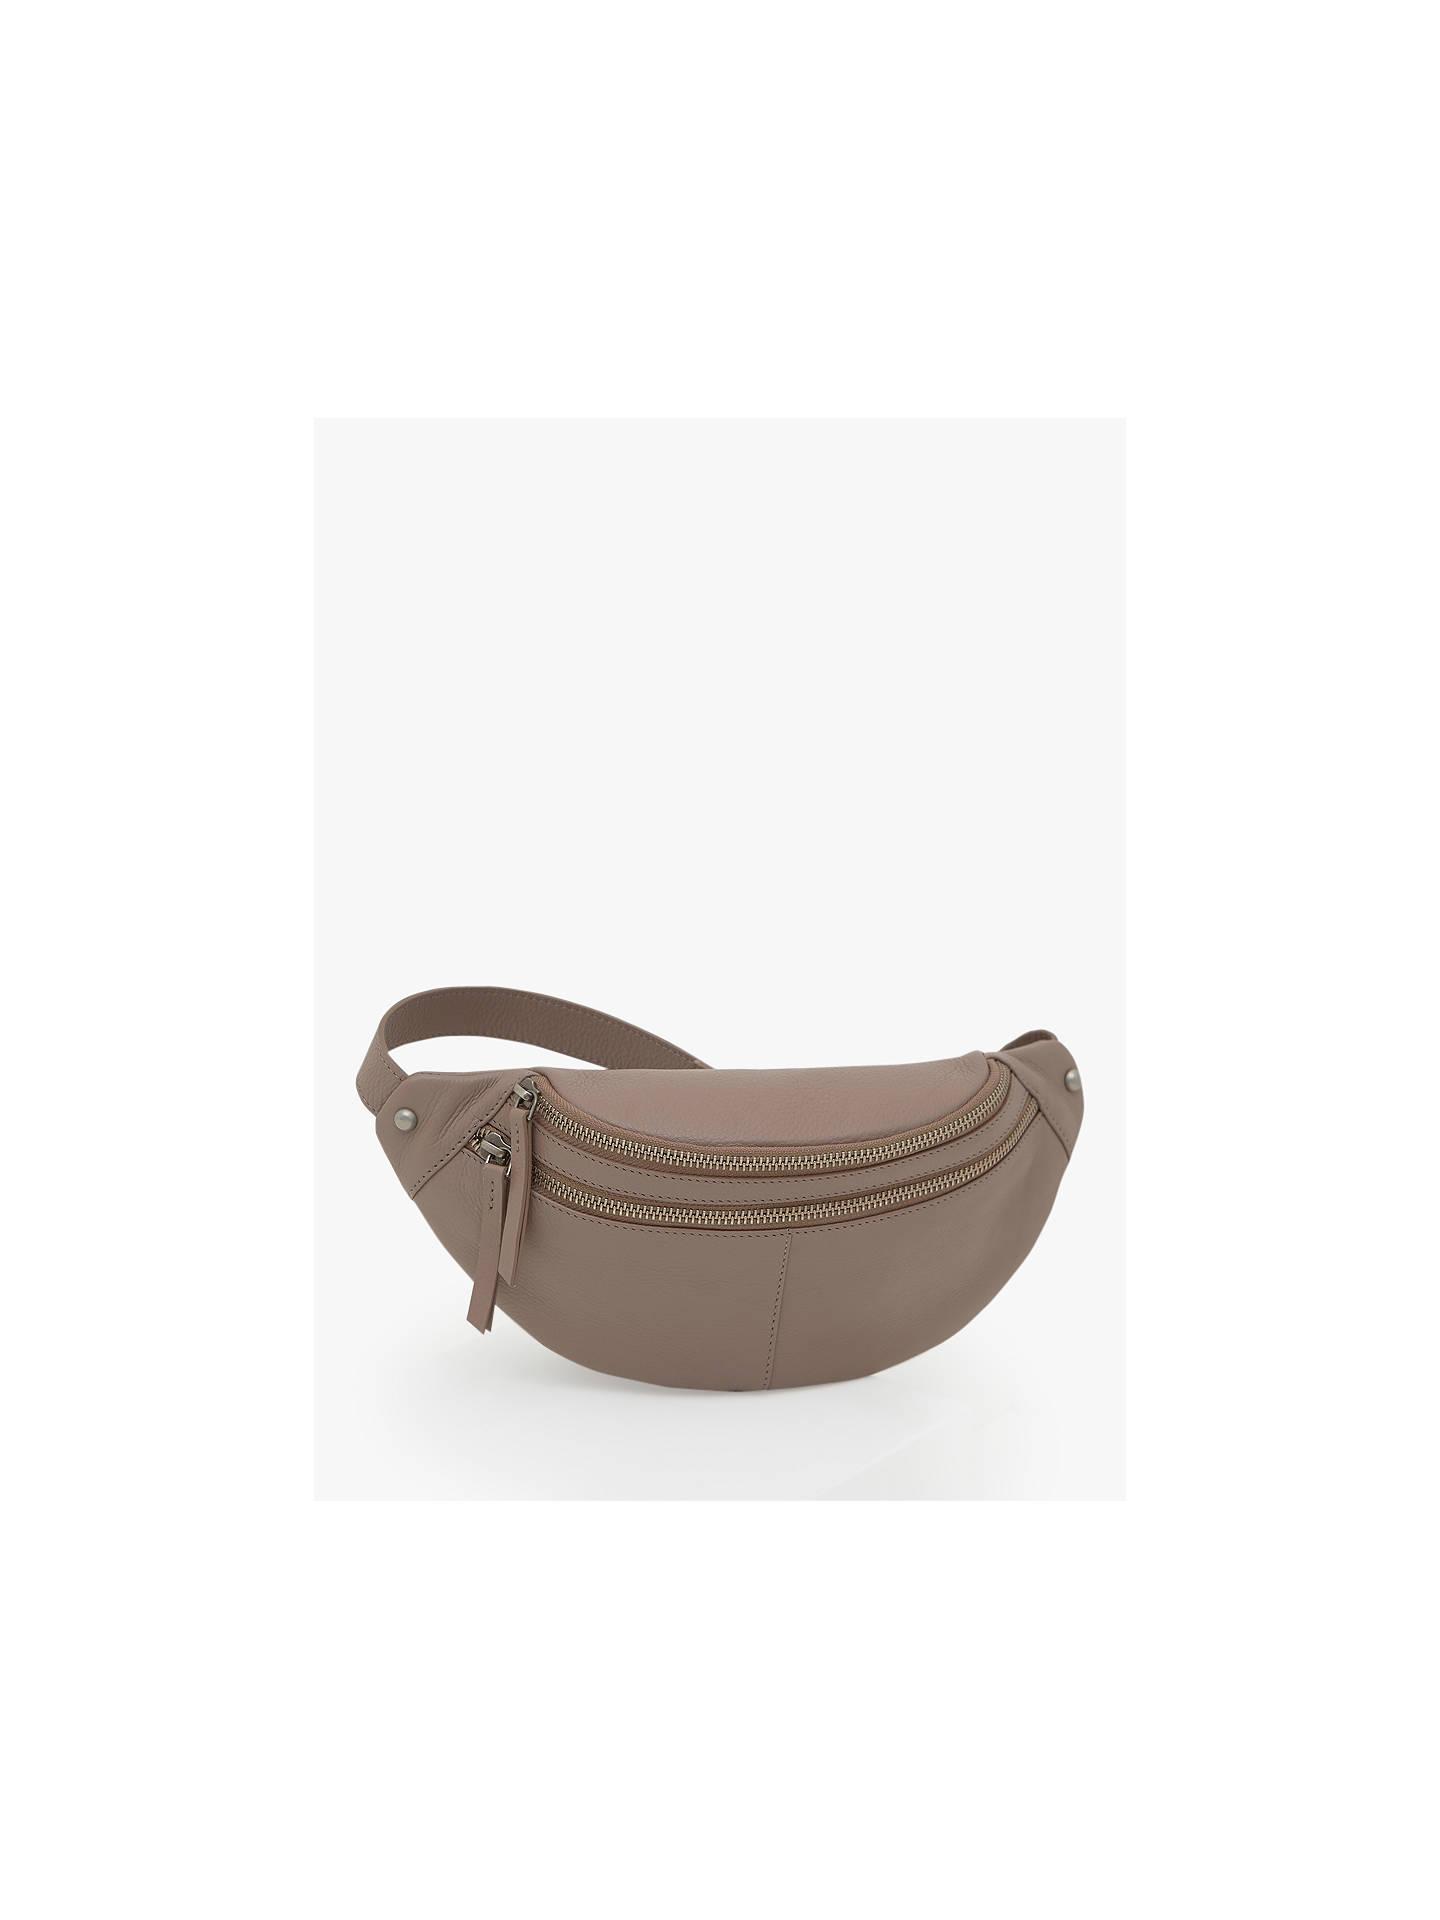 9a346a2c78 Mint Velvet Fiona Leather Double Compartment Bum Bag, Light Pink